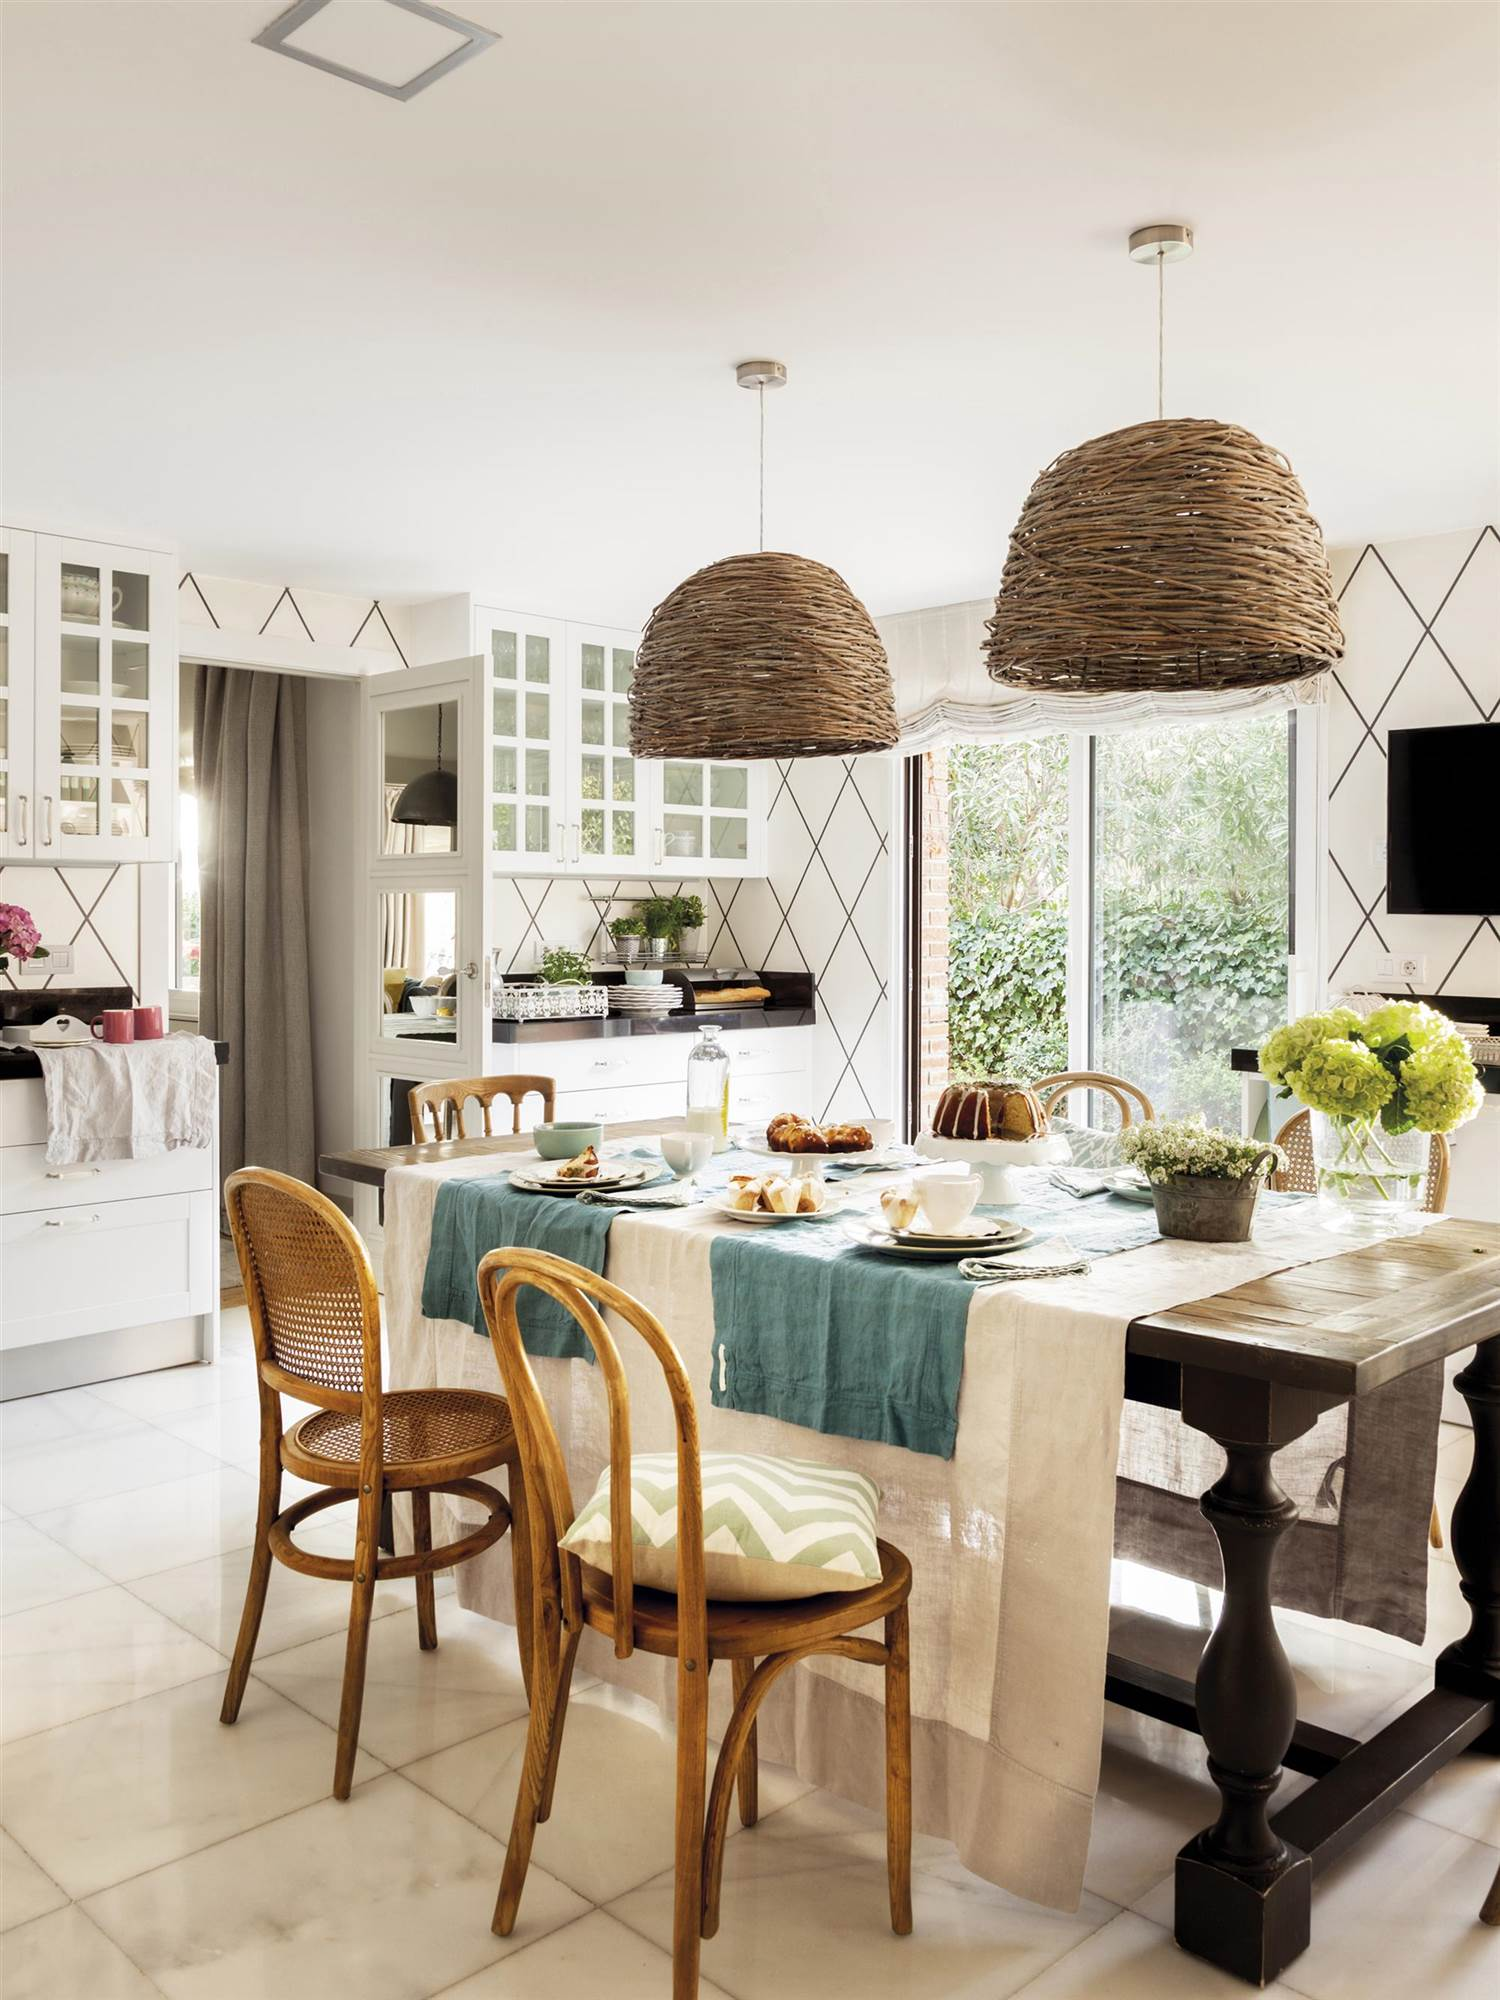 L mparas de techo el mueble for Mesas y sillas de madera para cocina